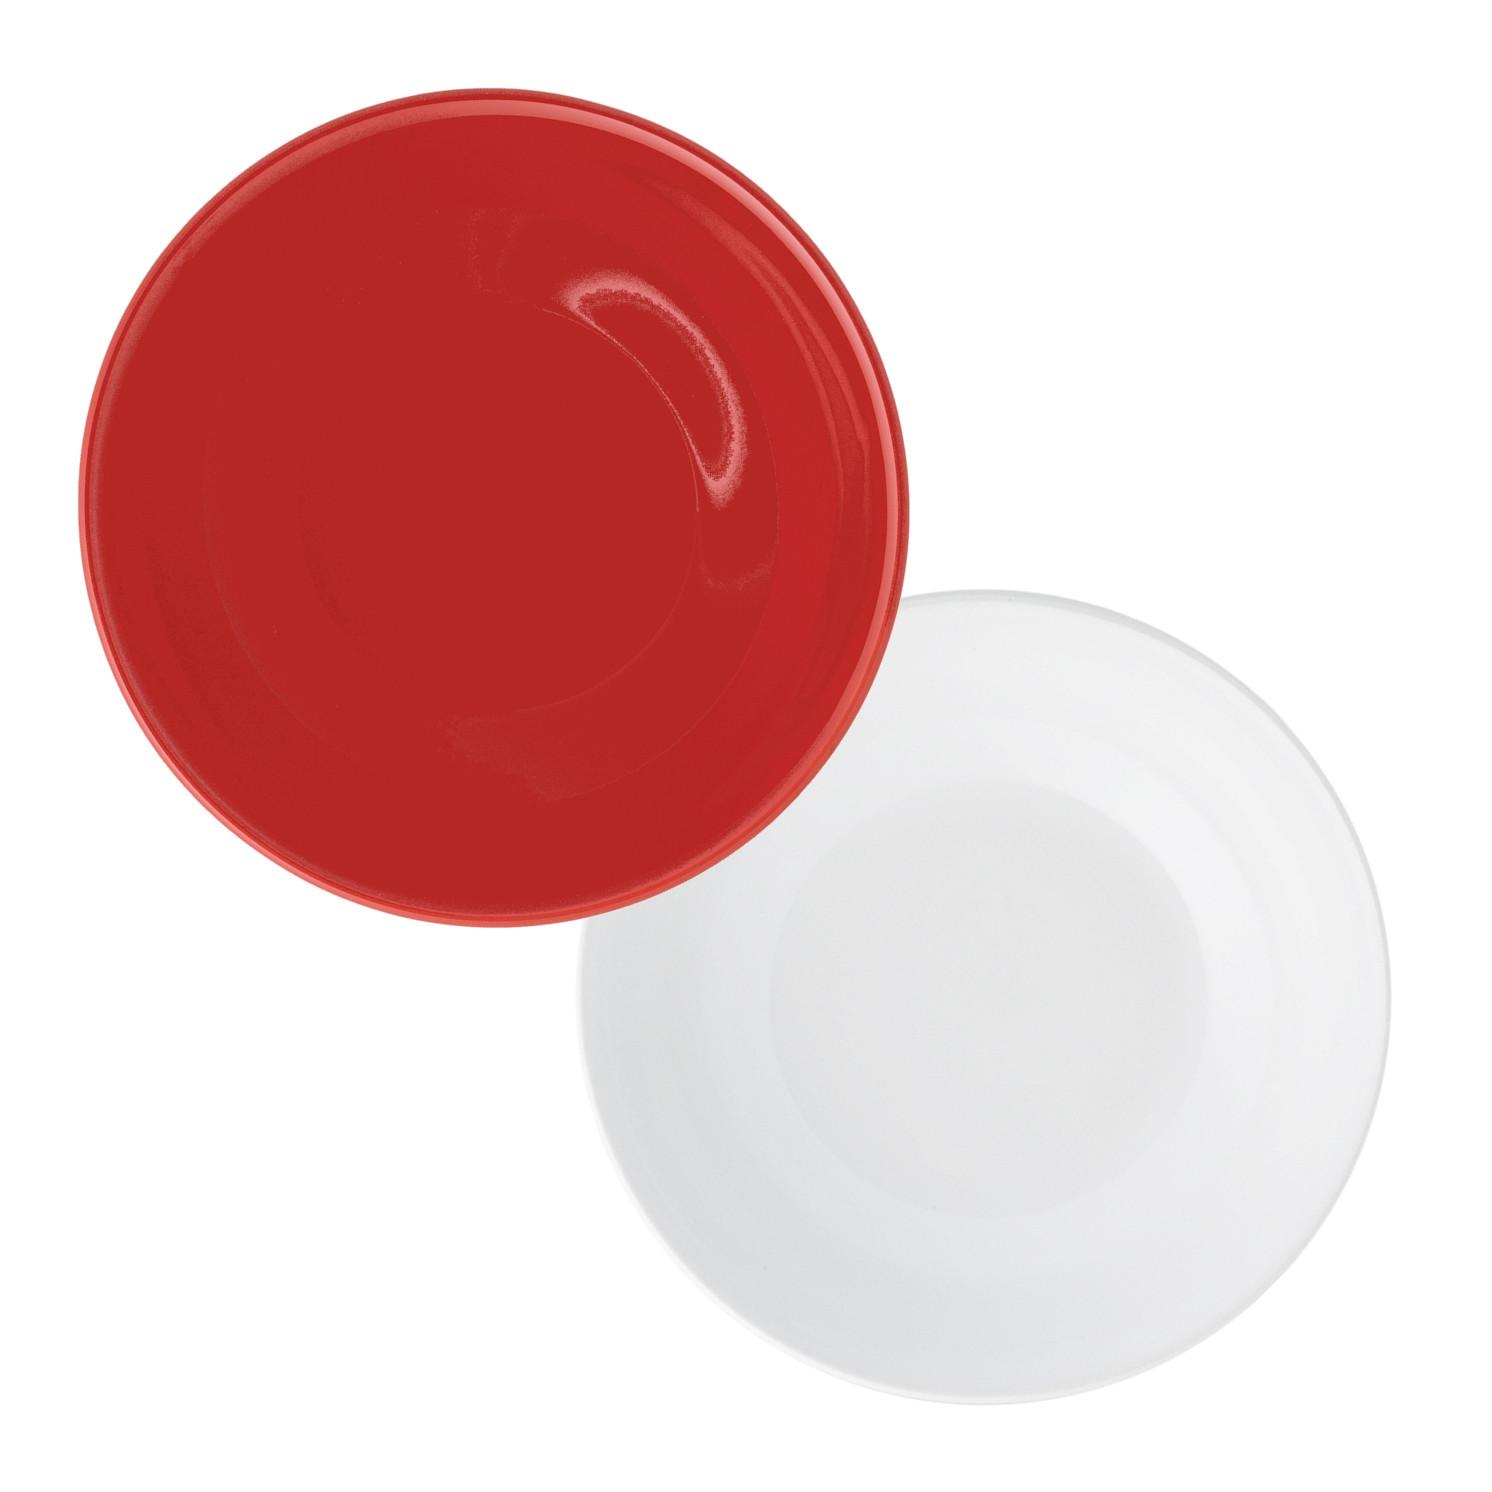 Jogo de Pratos Fundos Vermelho e Branco Oxford 20,5cm 6 Unidades